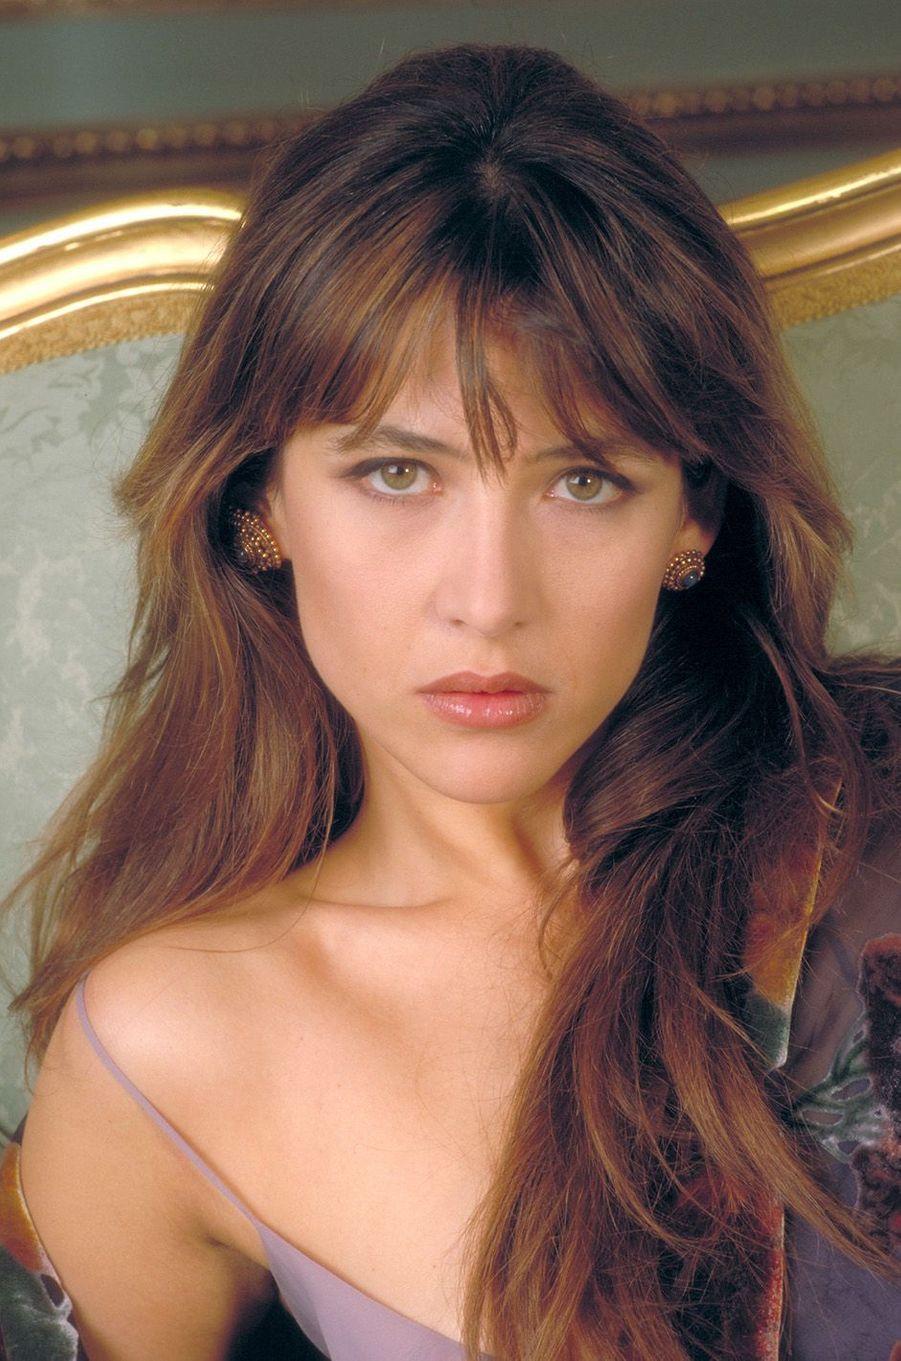 Sophie en 2000 devient la 65e James Bond girl.